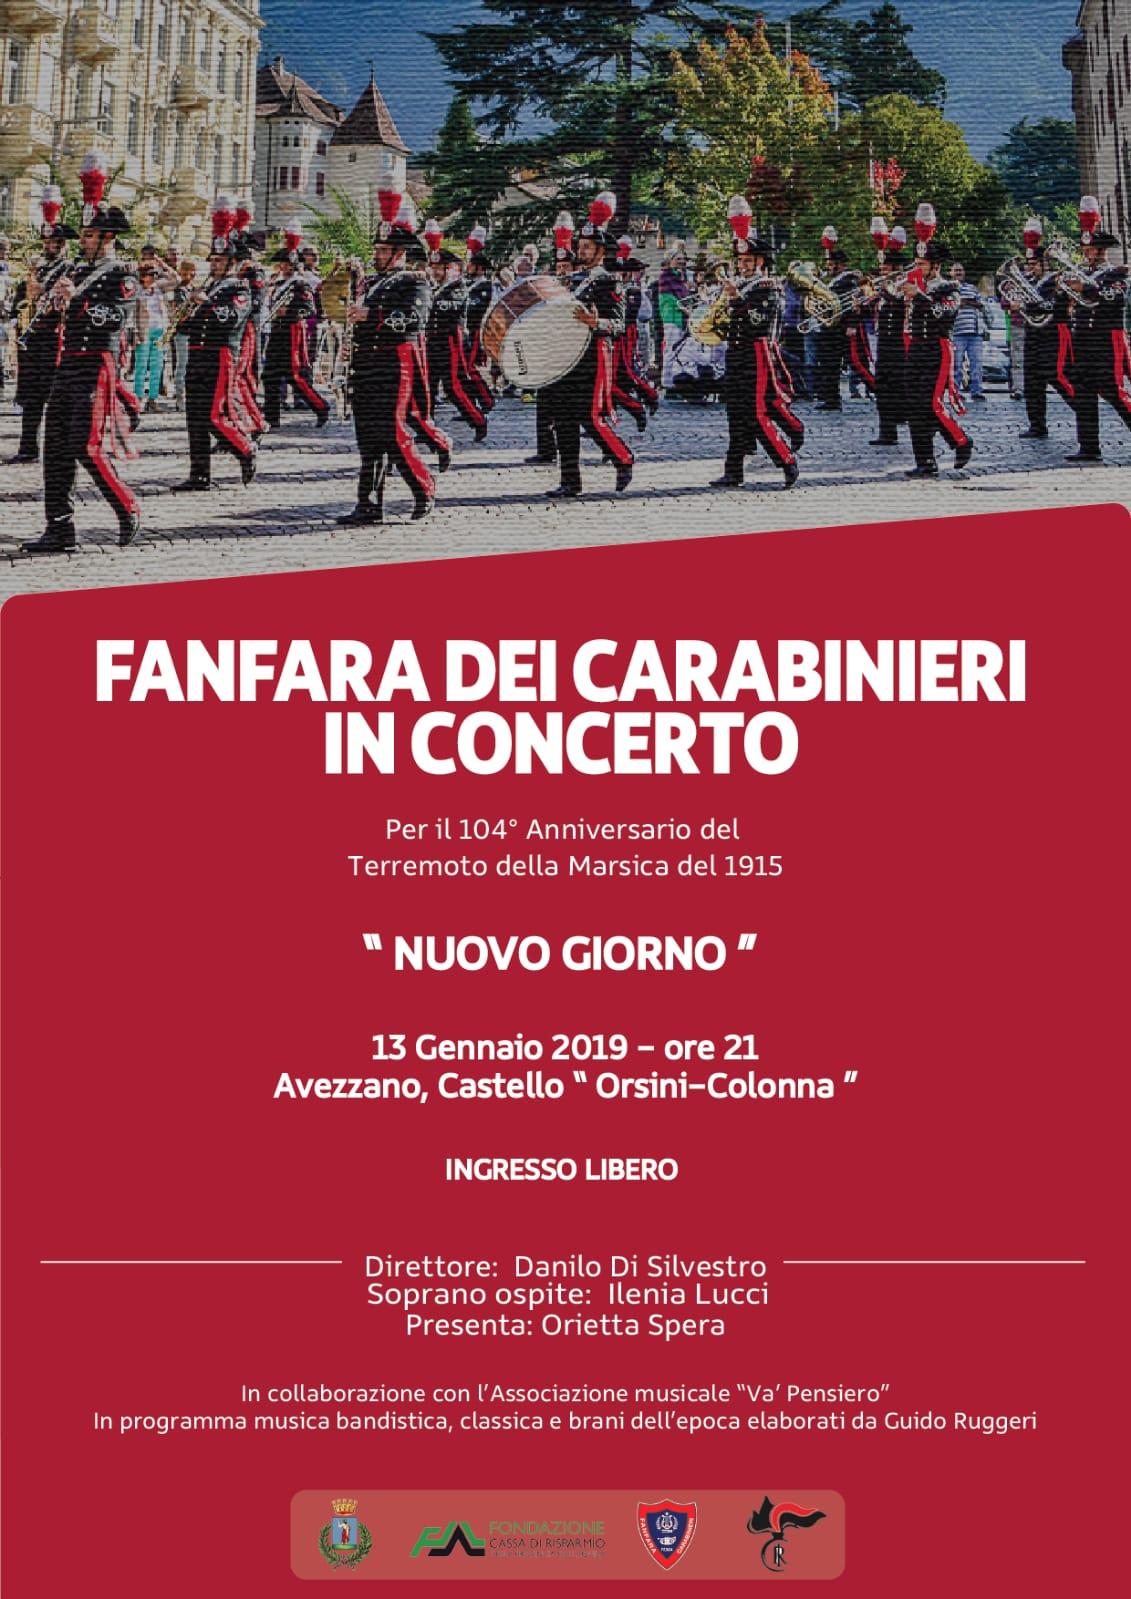 """Concerto """"Nuovo Giorno"""" con la Fanfara dei Carabinieri al Castello Orsini di Avezzano"""